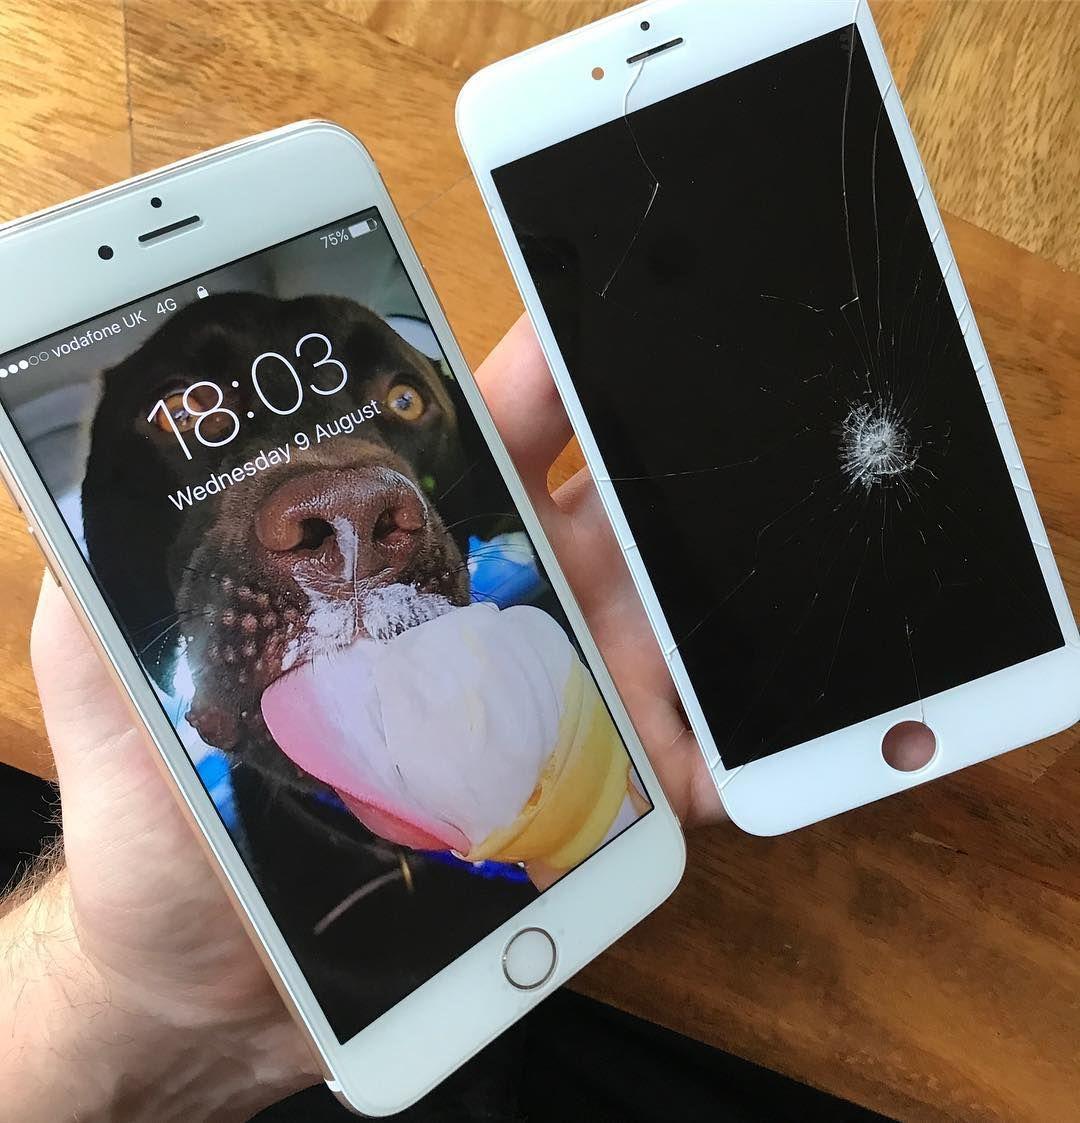 Chez Heal My Smartphone Nous Pensons Qu Il Est Possible De Realiser Ce Travail De Reparation Et De Reconditionnement Tou Smartphone Zero Gaspillage Ressources